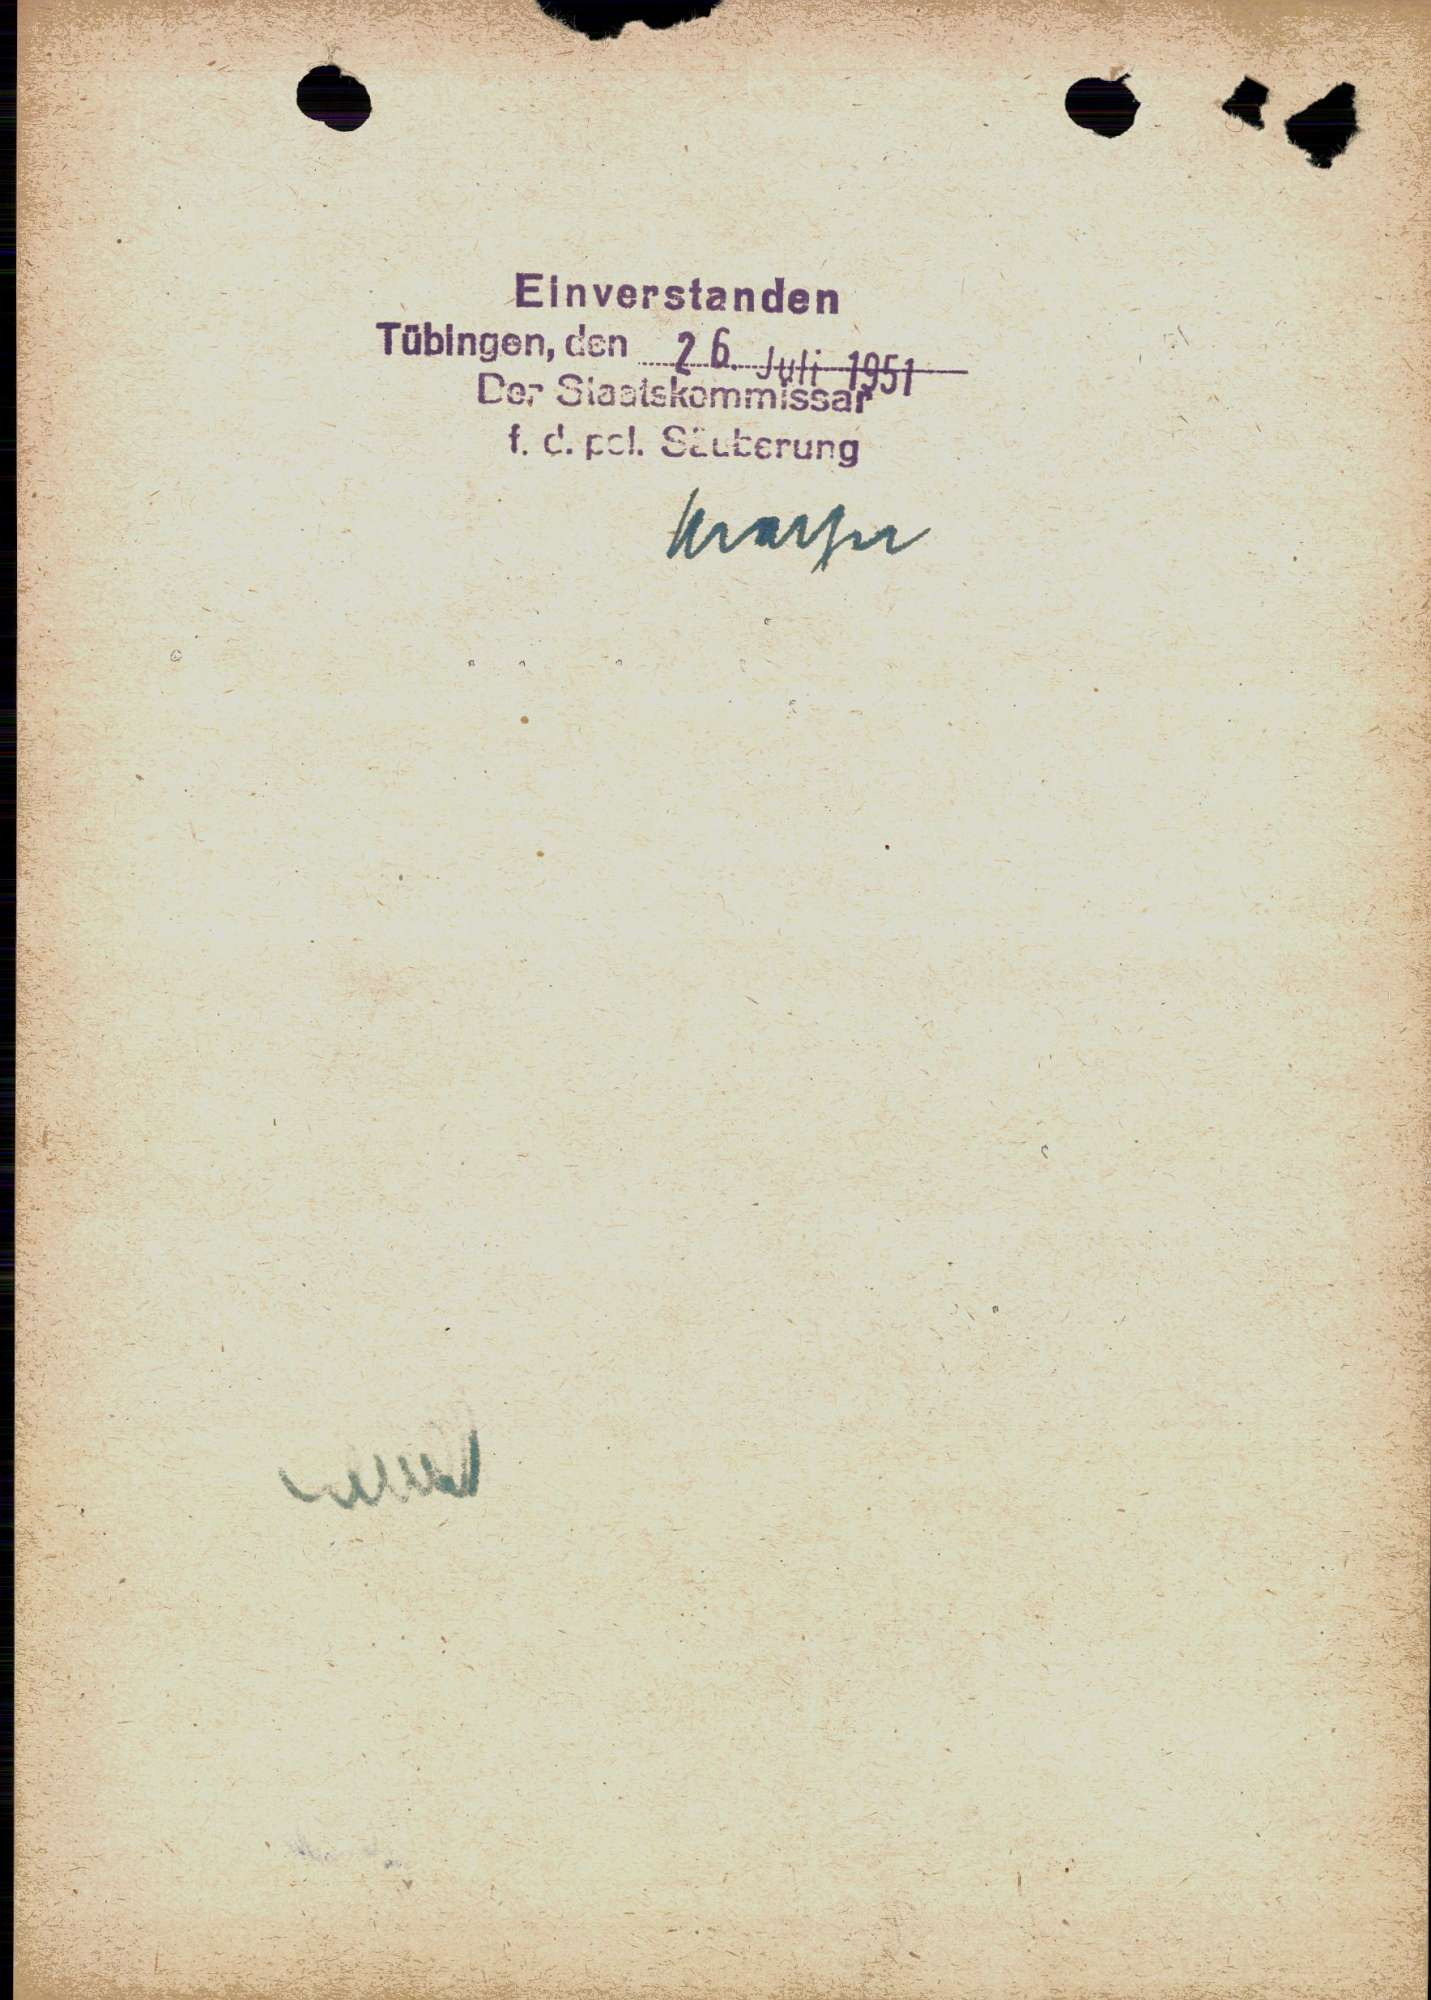 Weizsäcker, Ernst von, Bild 2